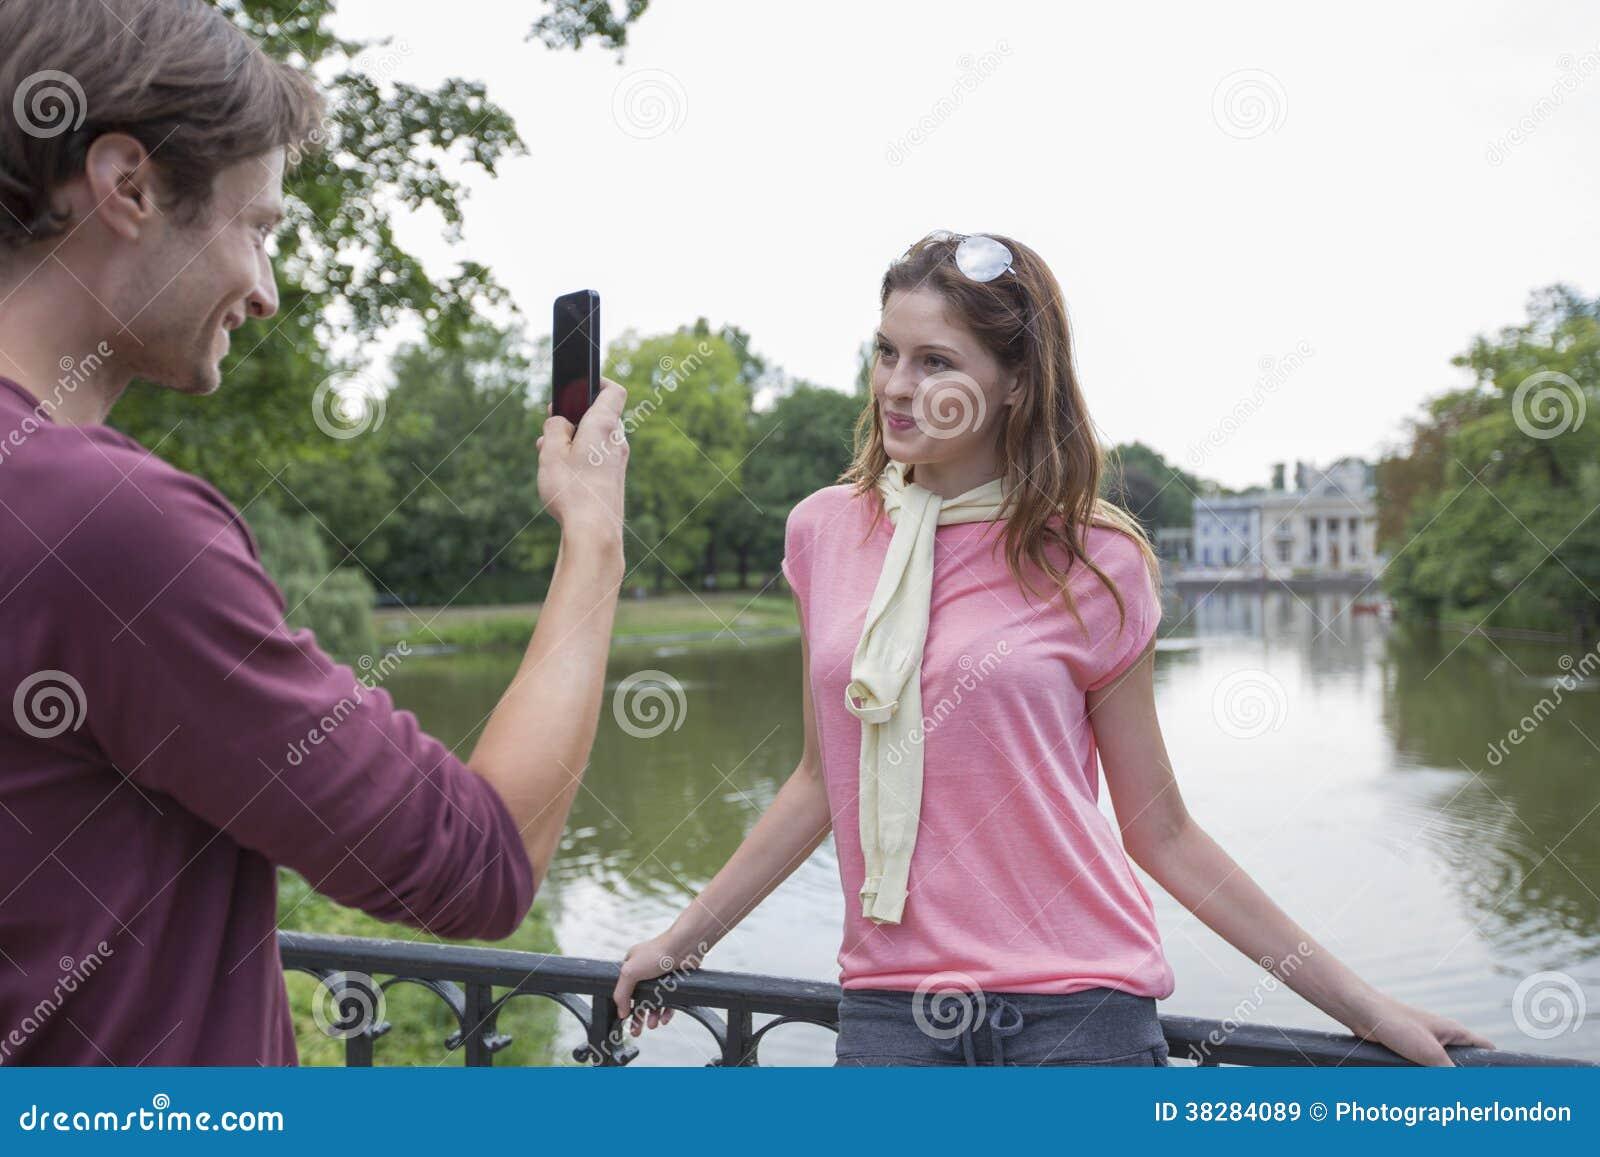 Junger Mann, Der Frau Durch Handy Am Seeufer Fotografiert